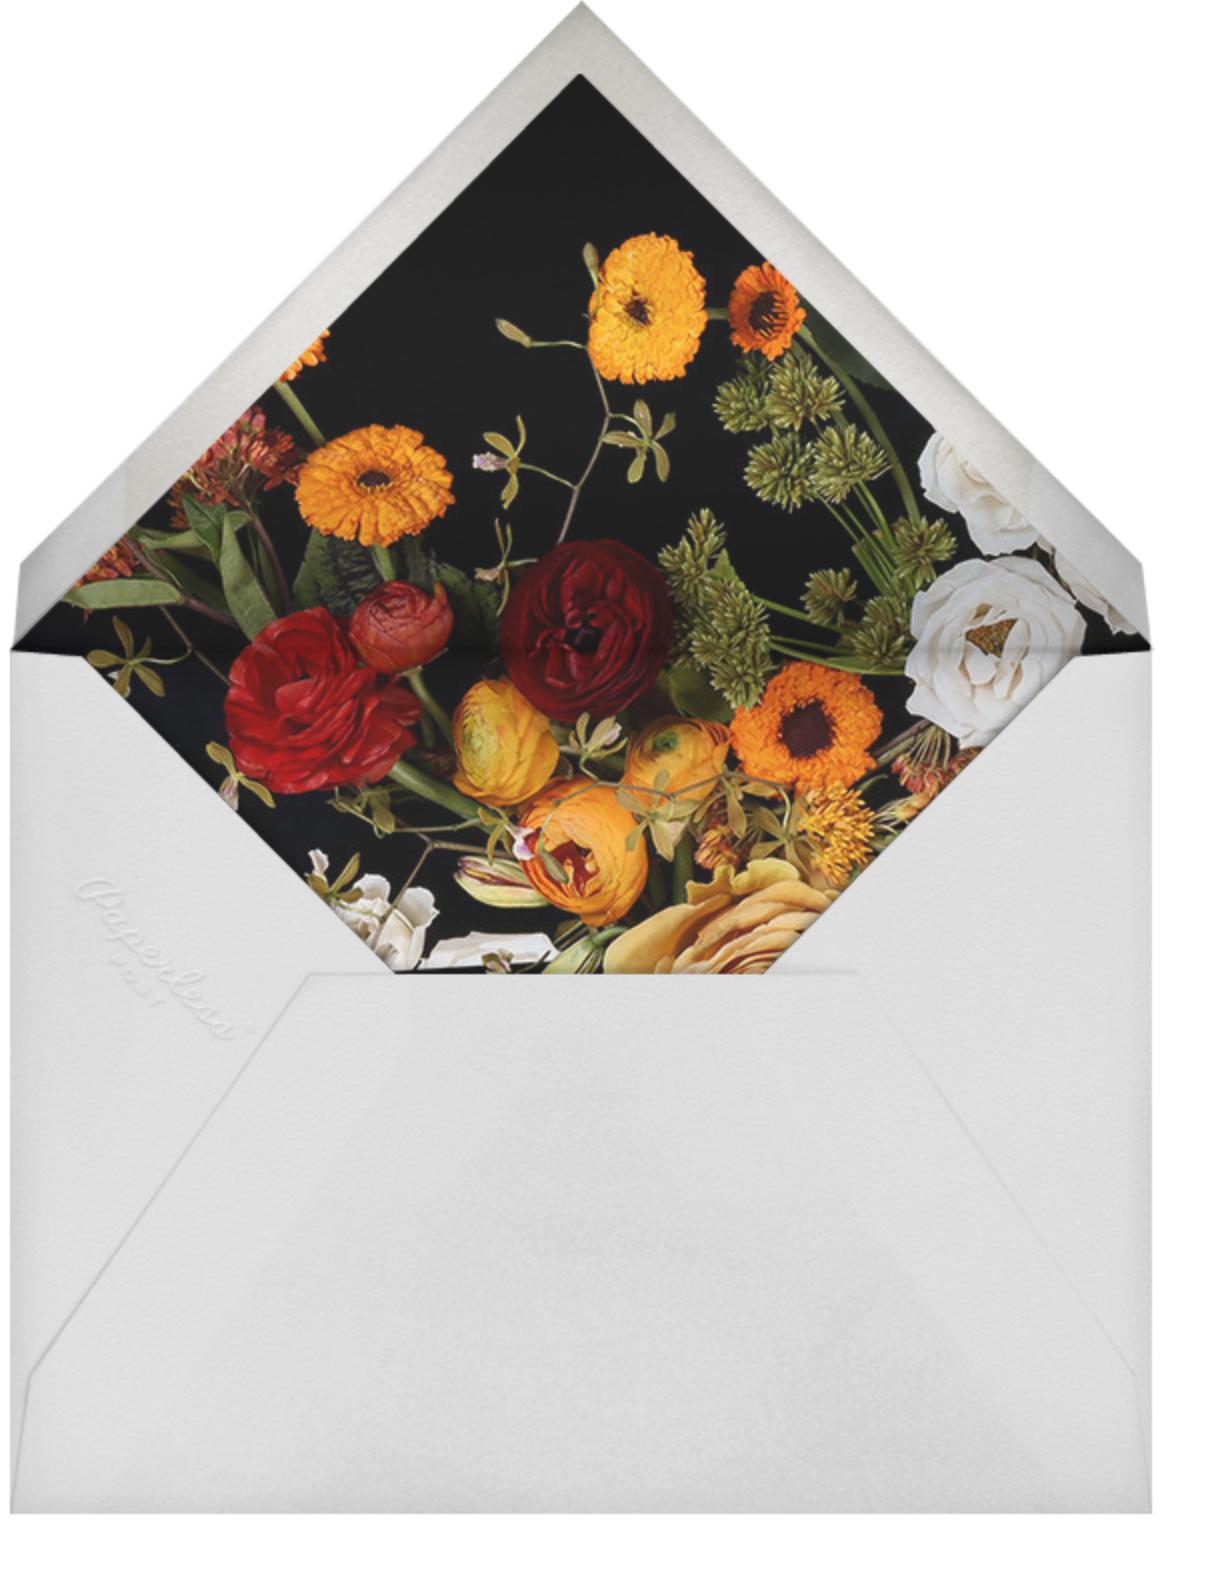 Vendémiaire (Horizontal) - Putnam & Putnam - Engagement party - envelope back